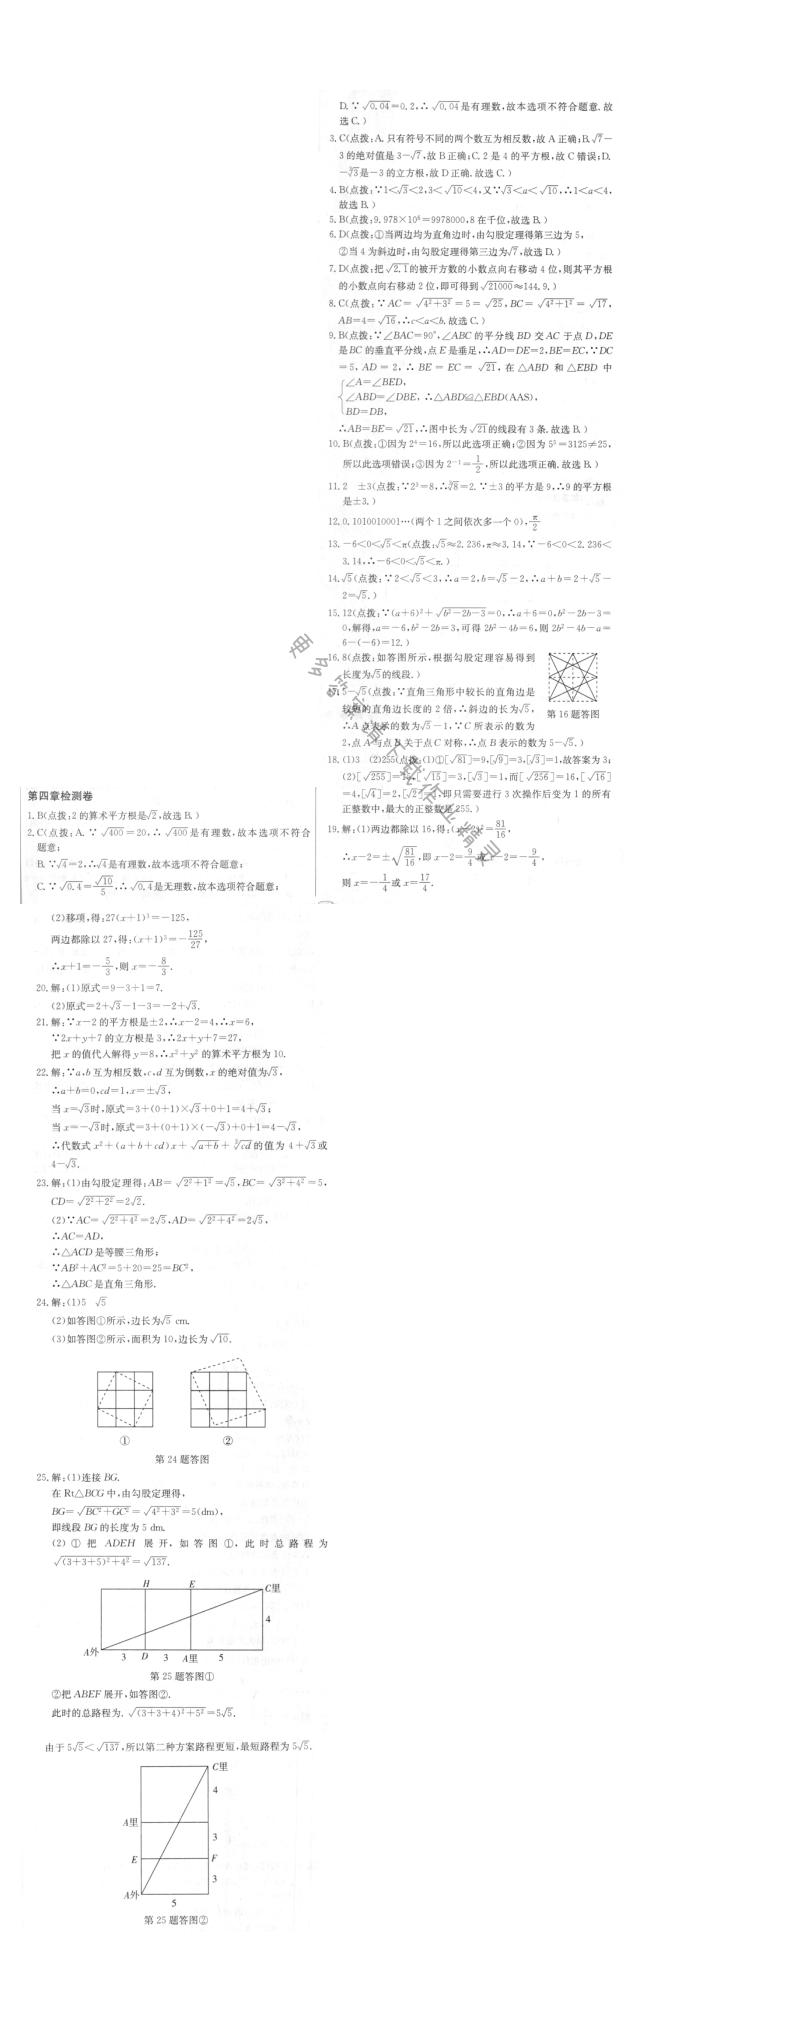 启东中学作业本八年级数学上册江苏版 第四章检测卷